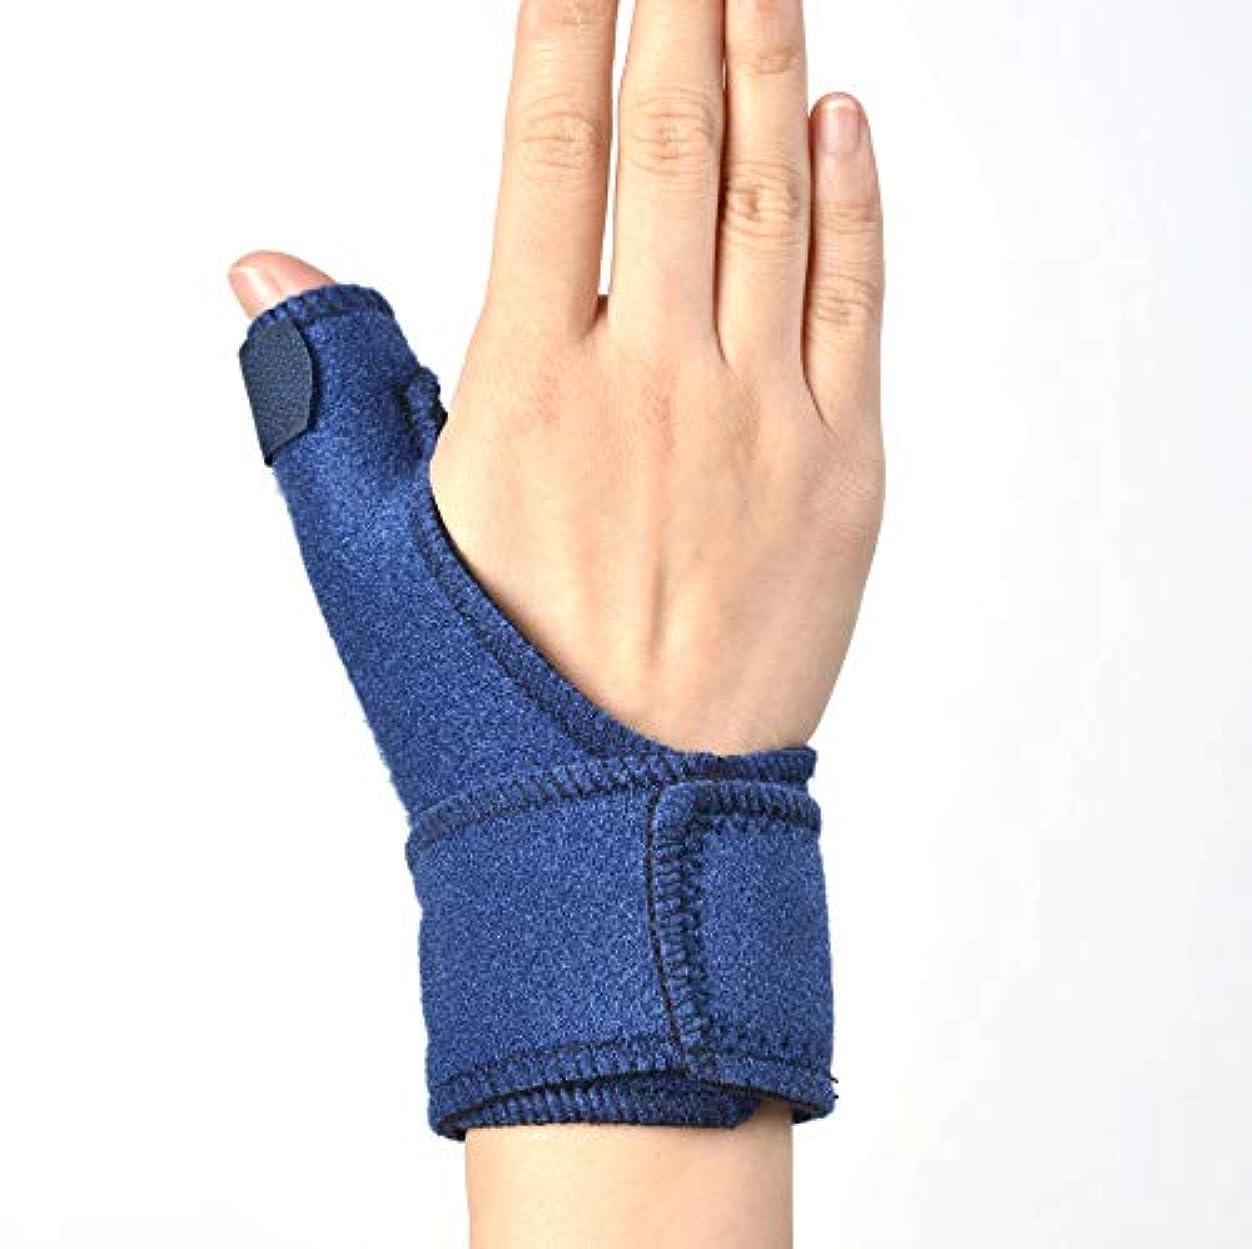 親指スプリント、マジックテープ調節可能な親指サポートブレースとガード腱炎 - 指スプリント親指固定具は左右の手にフィット